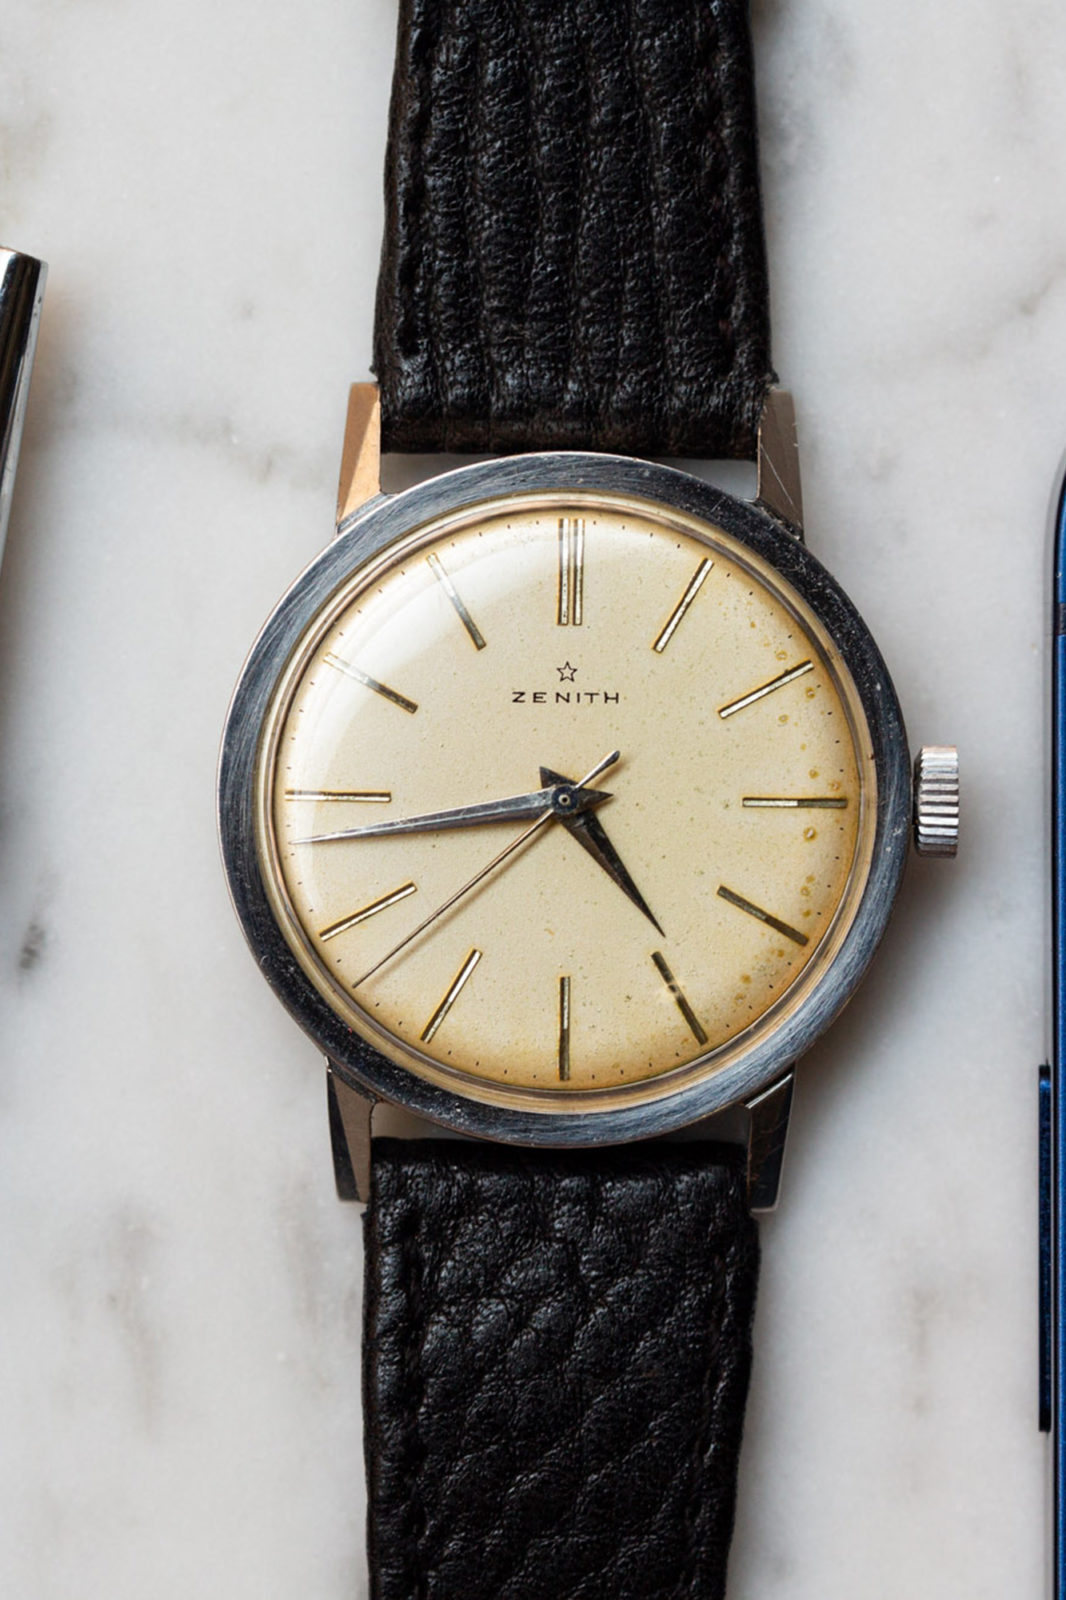 Zenith trois aiguilles - Sélection de montres vintage Joseph Bonnie